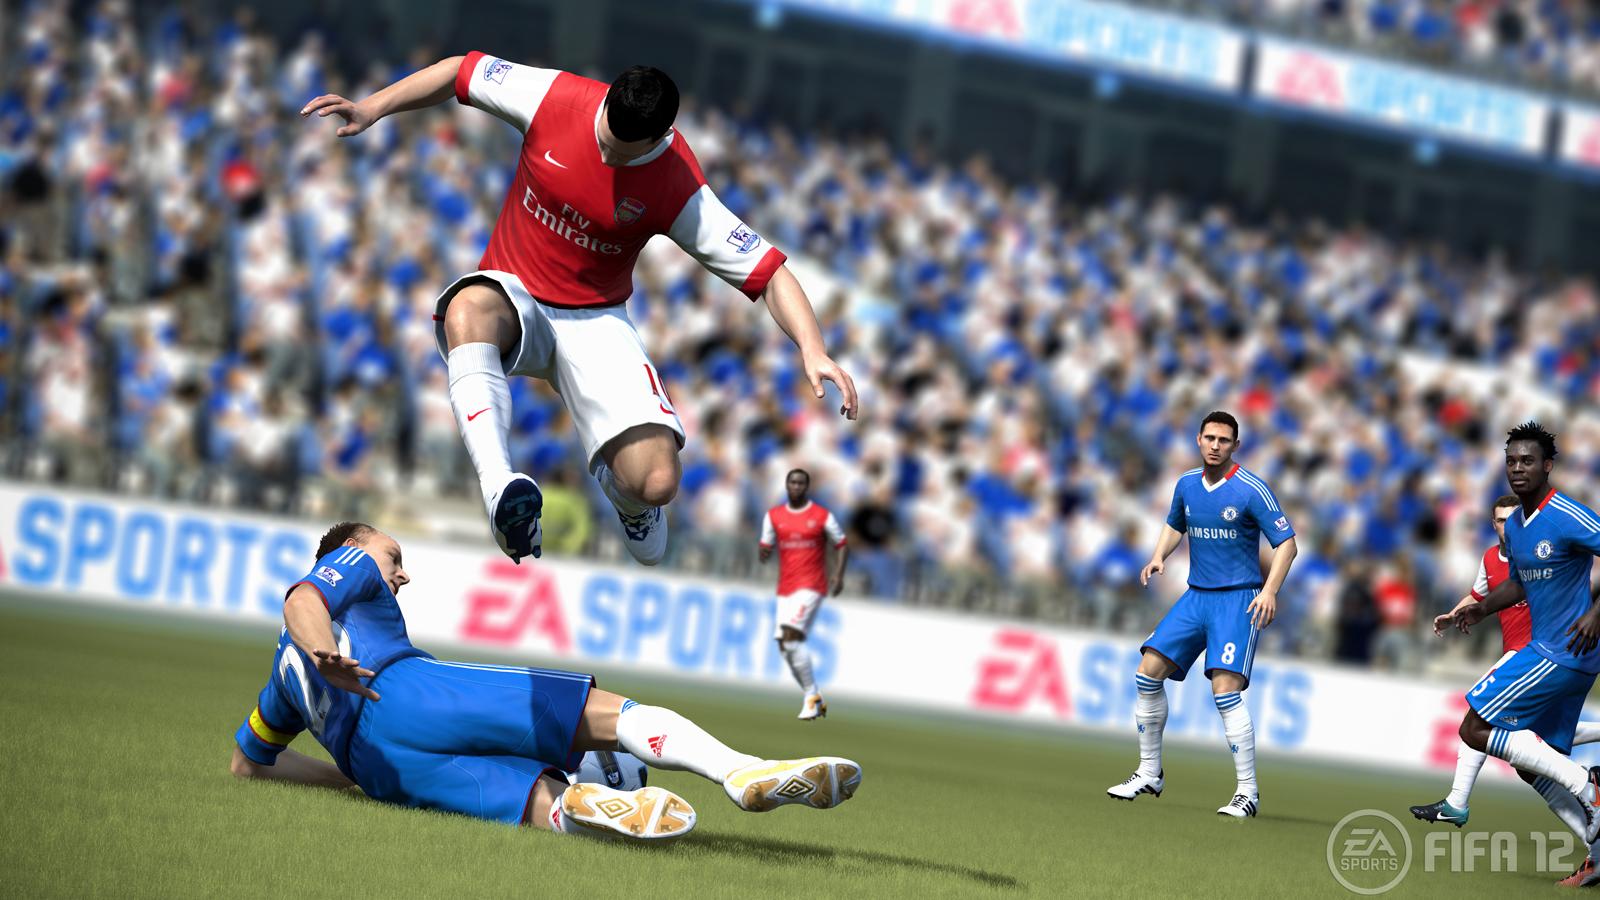 FIFA 12: La visión de juego